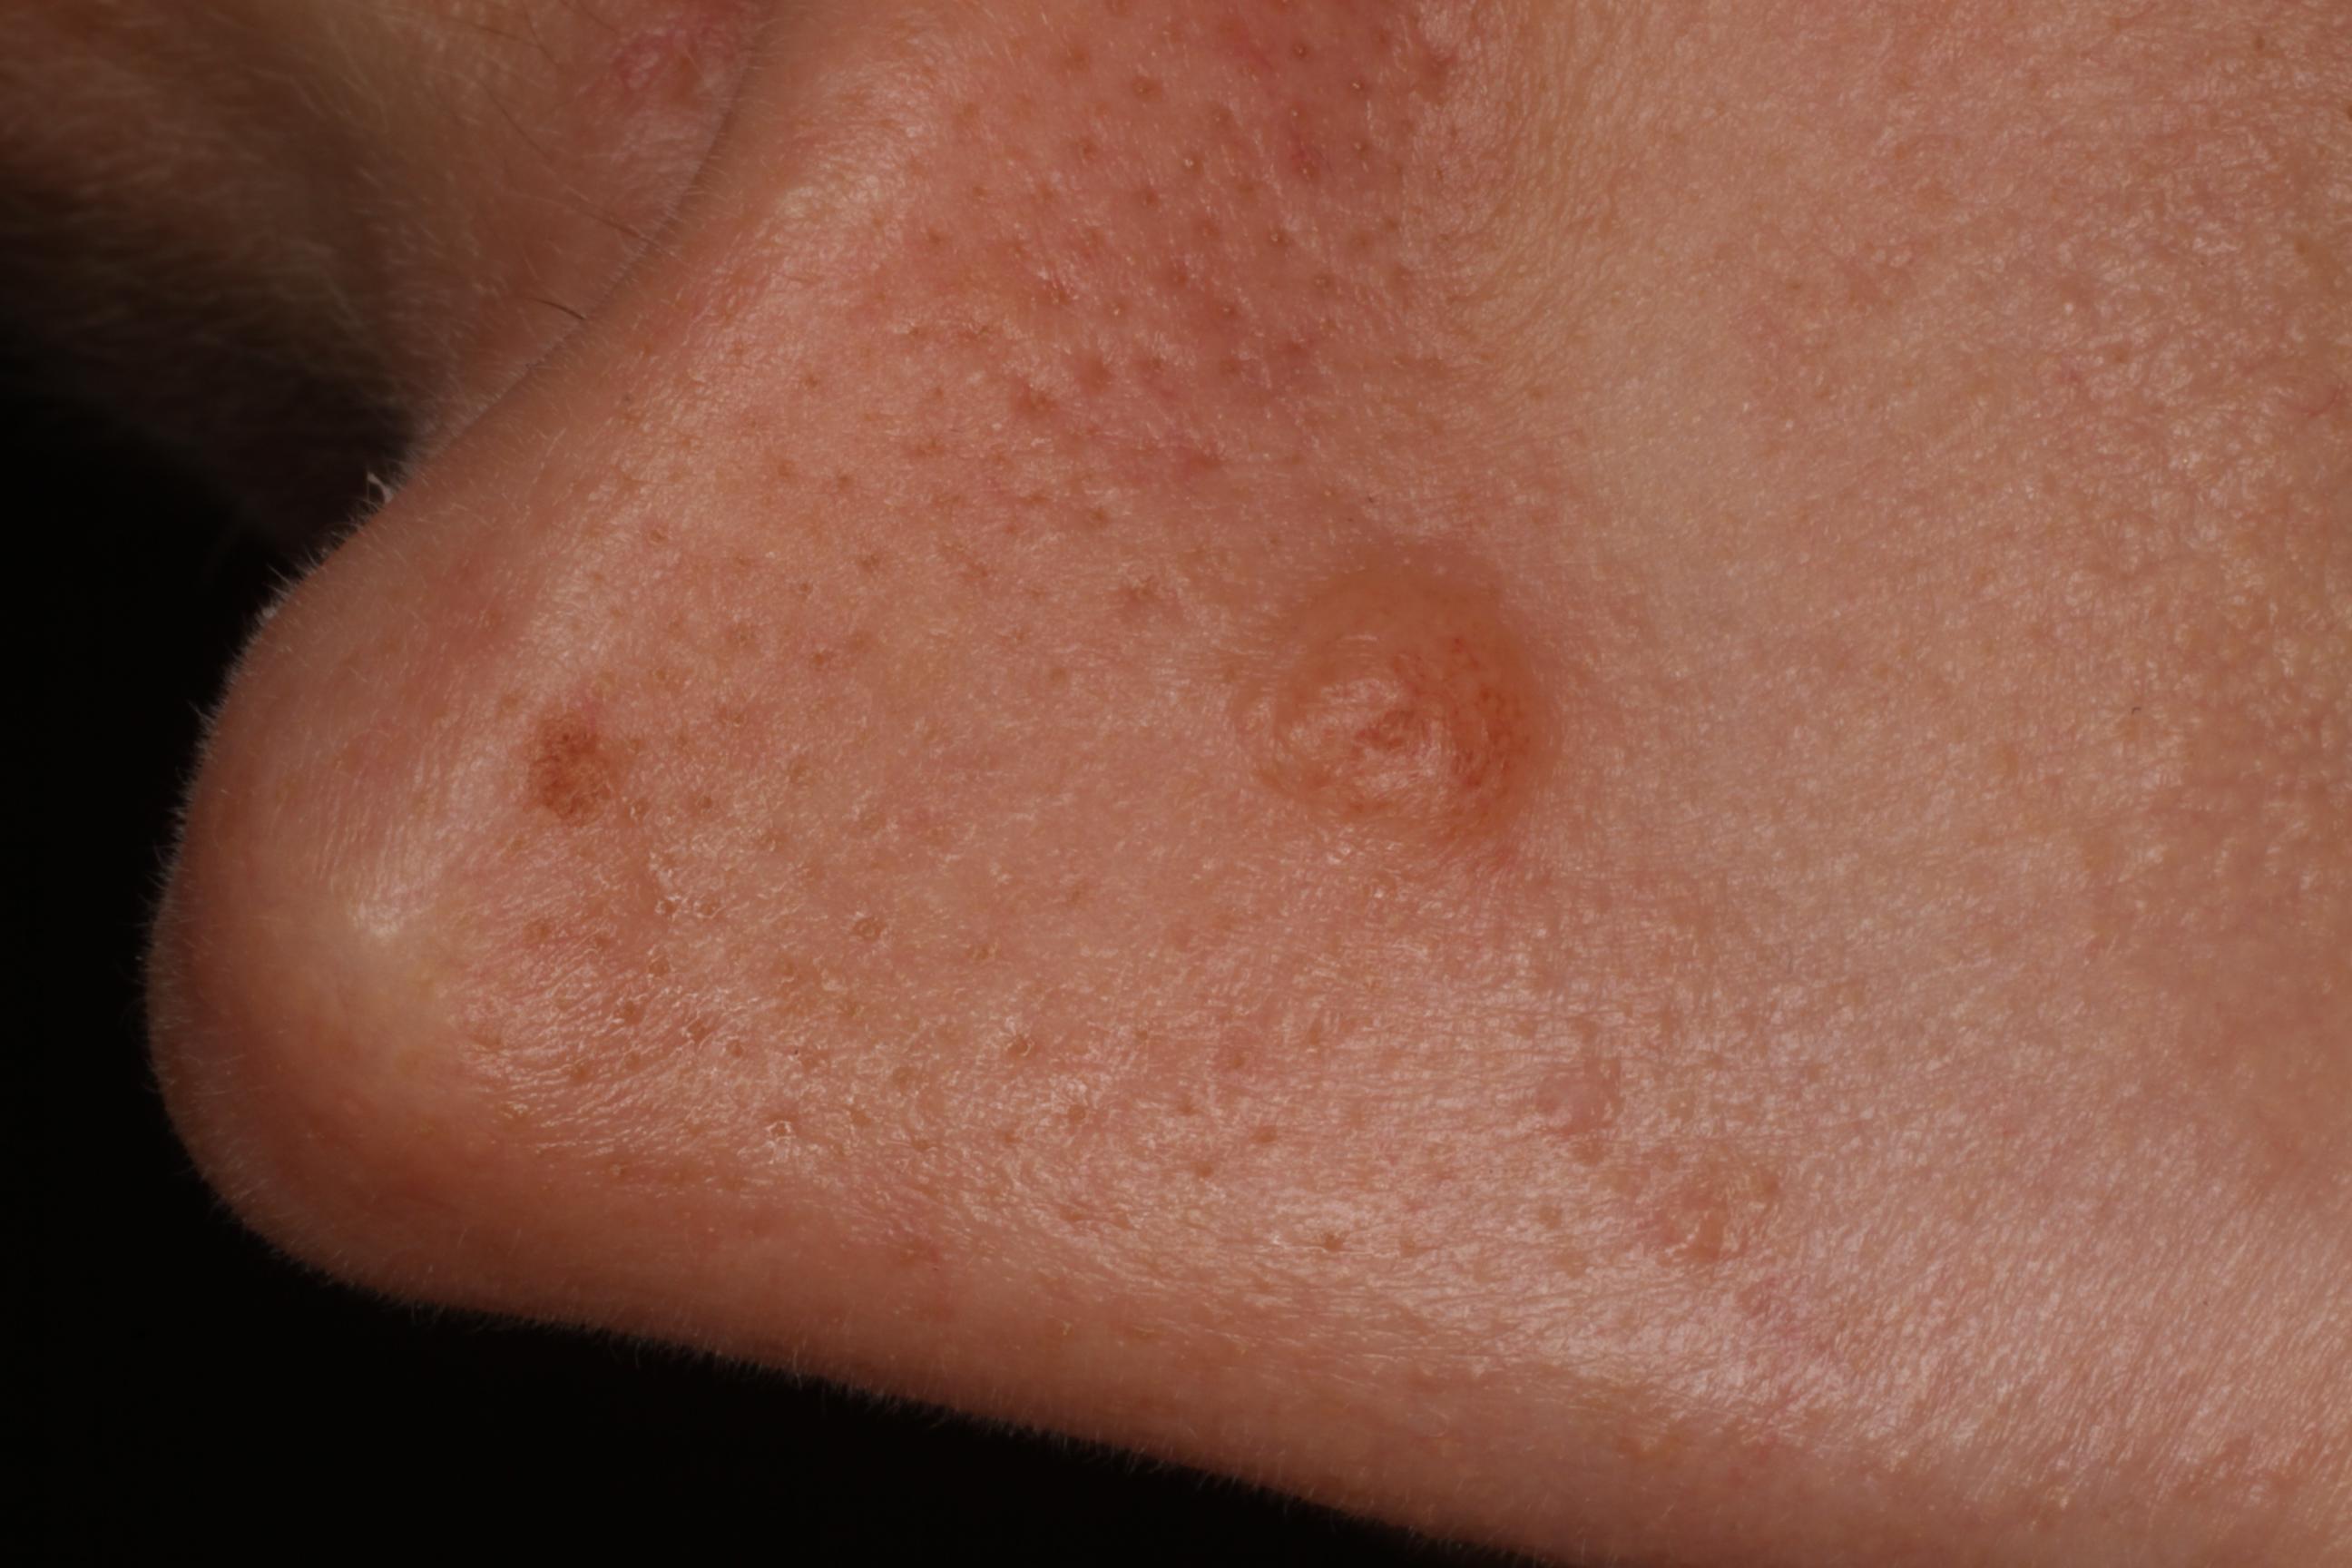 Vírusos szemölcs eltávolítás   Dr. Dobozy Enikő - bőrgyógyász, kozmetológus